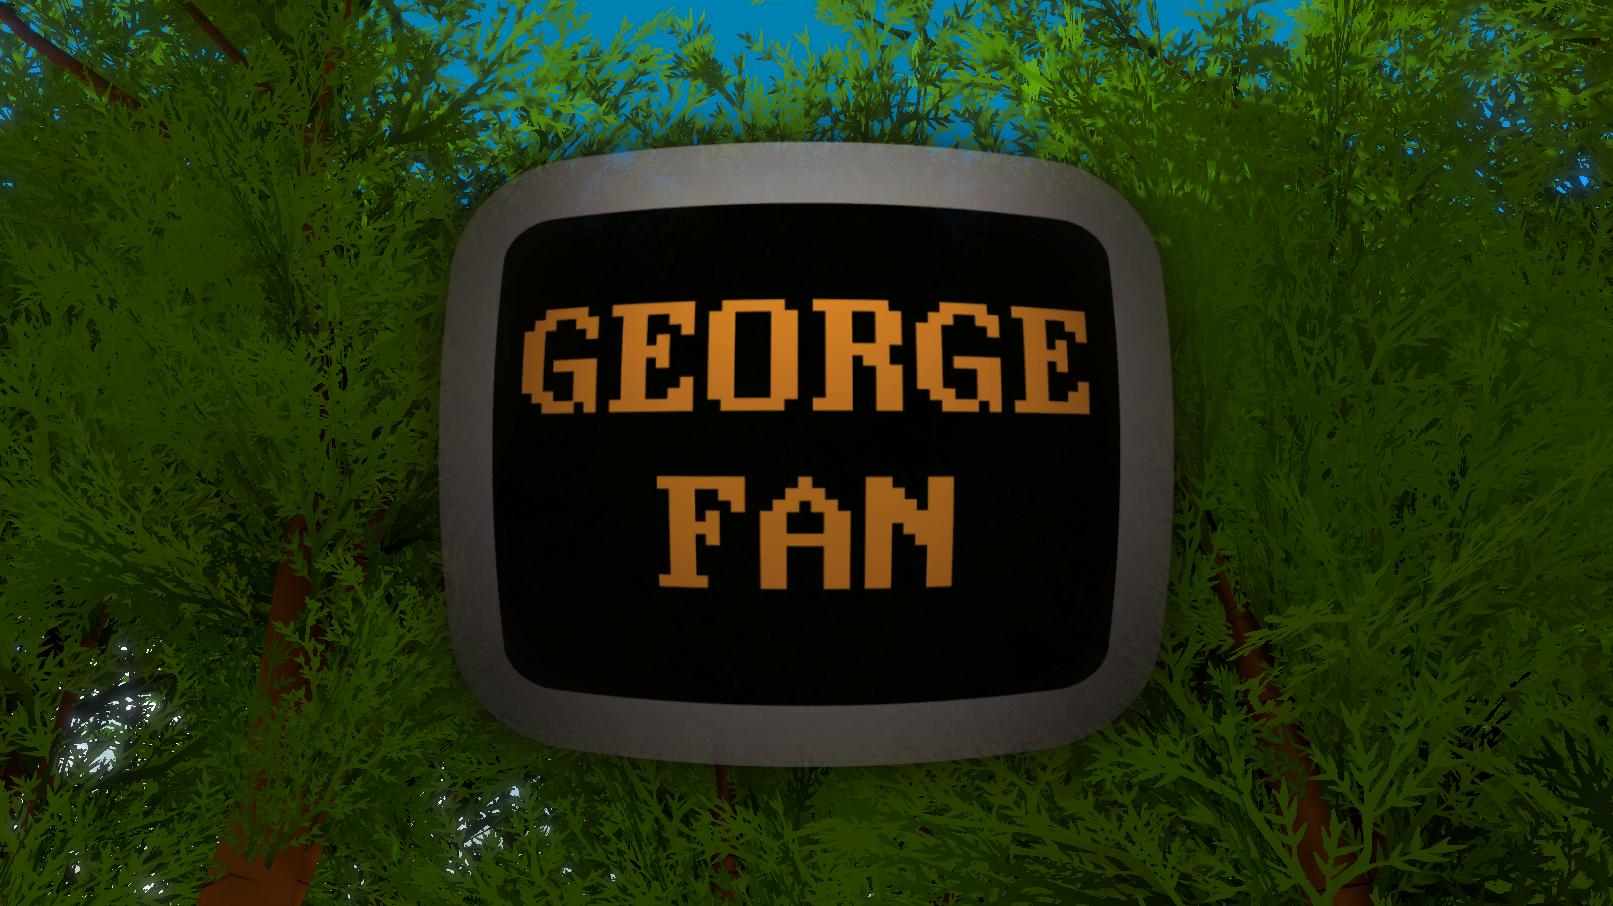 George Fan